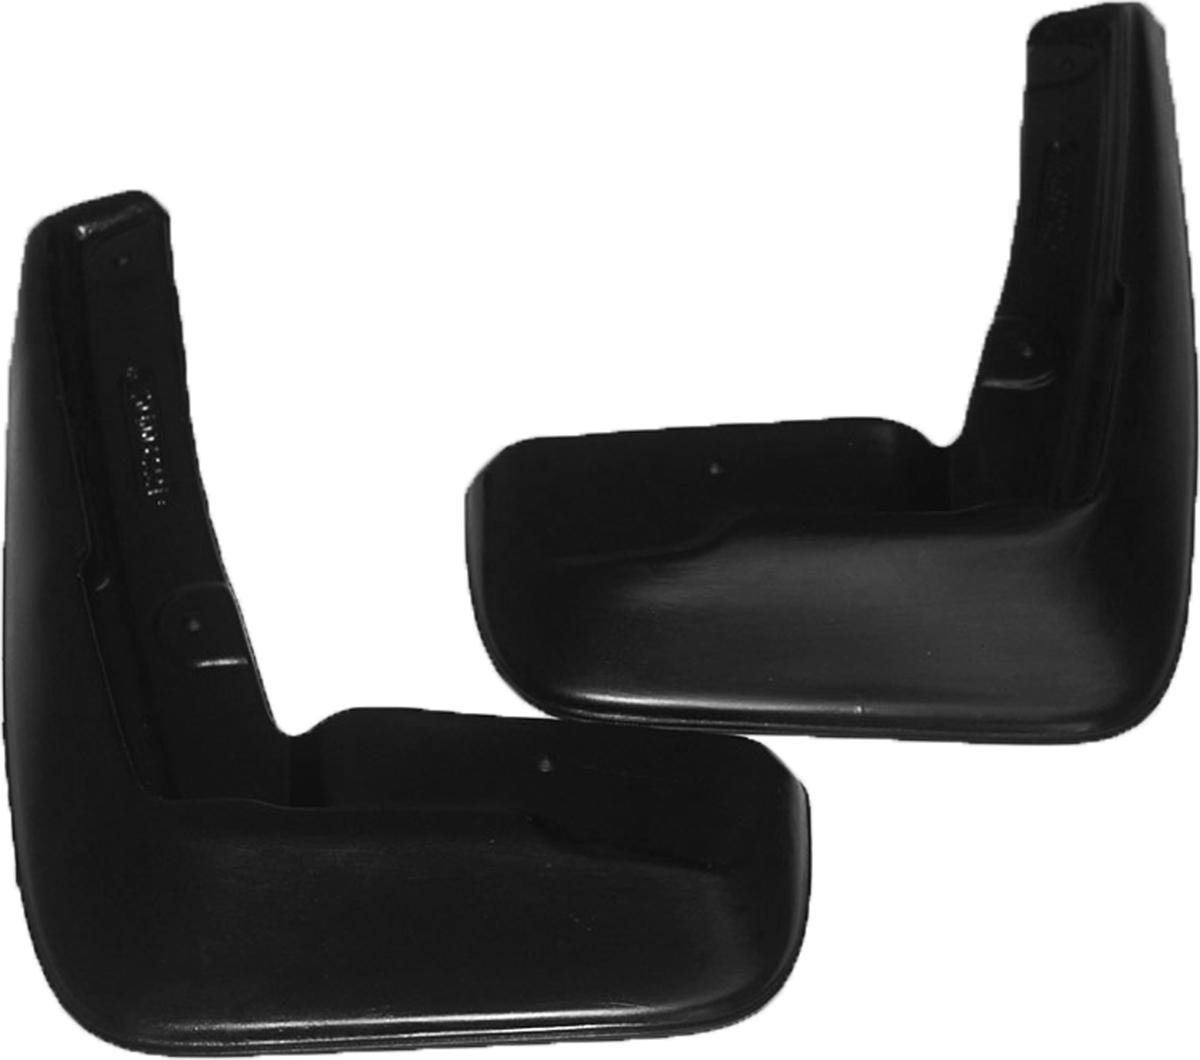 Комплект передних брызговиков L.Locker, для Subaru Outback (09-)7040032251Брызговики L.Locker изготовлены из высококачественного полиуретана. Уникальный состав брызговиков допускает их эксплуатацию в широком диапазоне температур: от -50°С до +80°С. Эффективно защищают кузов автомобиля от грязи и воды - формируют аэродинамический поток воздуха, создаваемый при движении вокруг кузова таким образом, чтобы максимально уменьшить образование грязевой измороси, оседающей на автомобиле. Разработаны индивидуально для каждой модели автомобиля, с эстетической точки зрения брызговики являются завершением колесной арки.